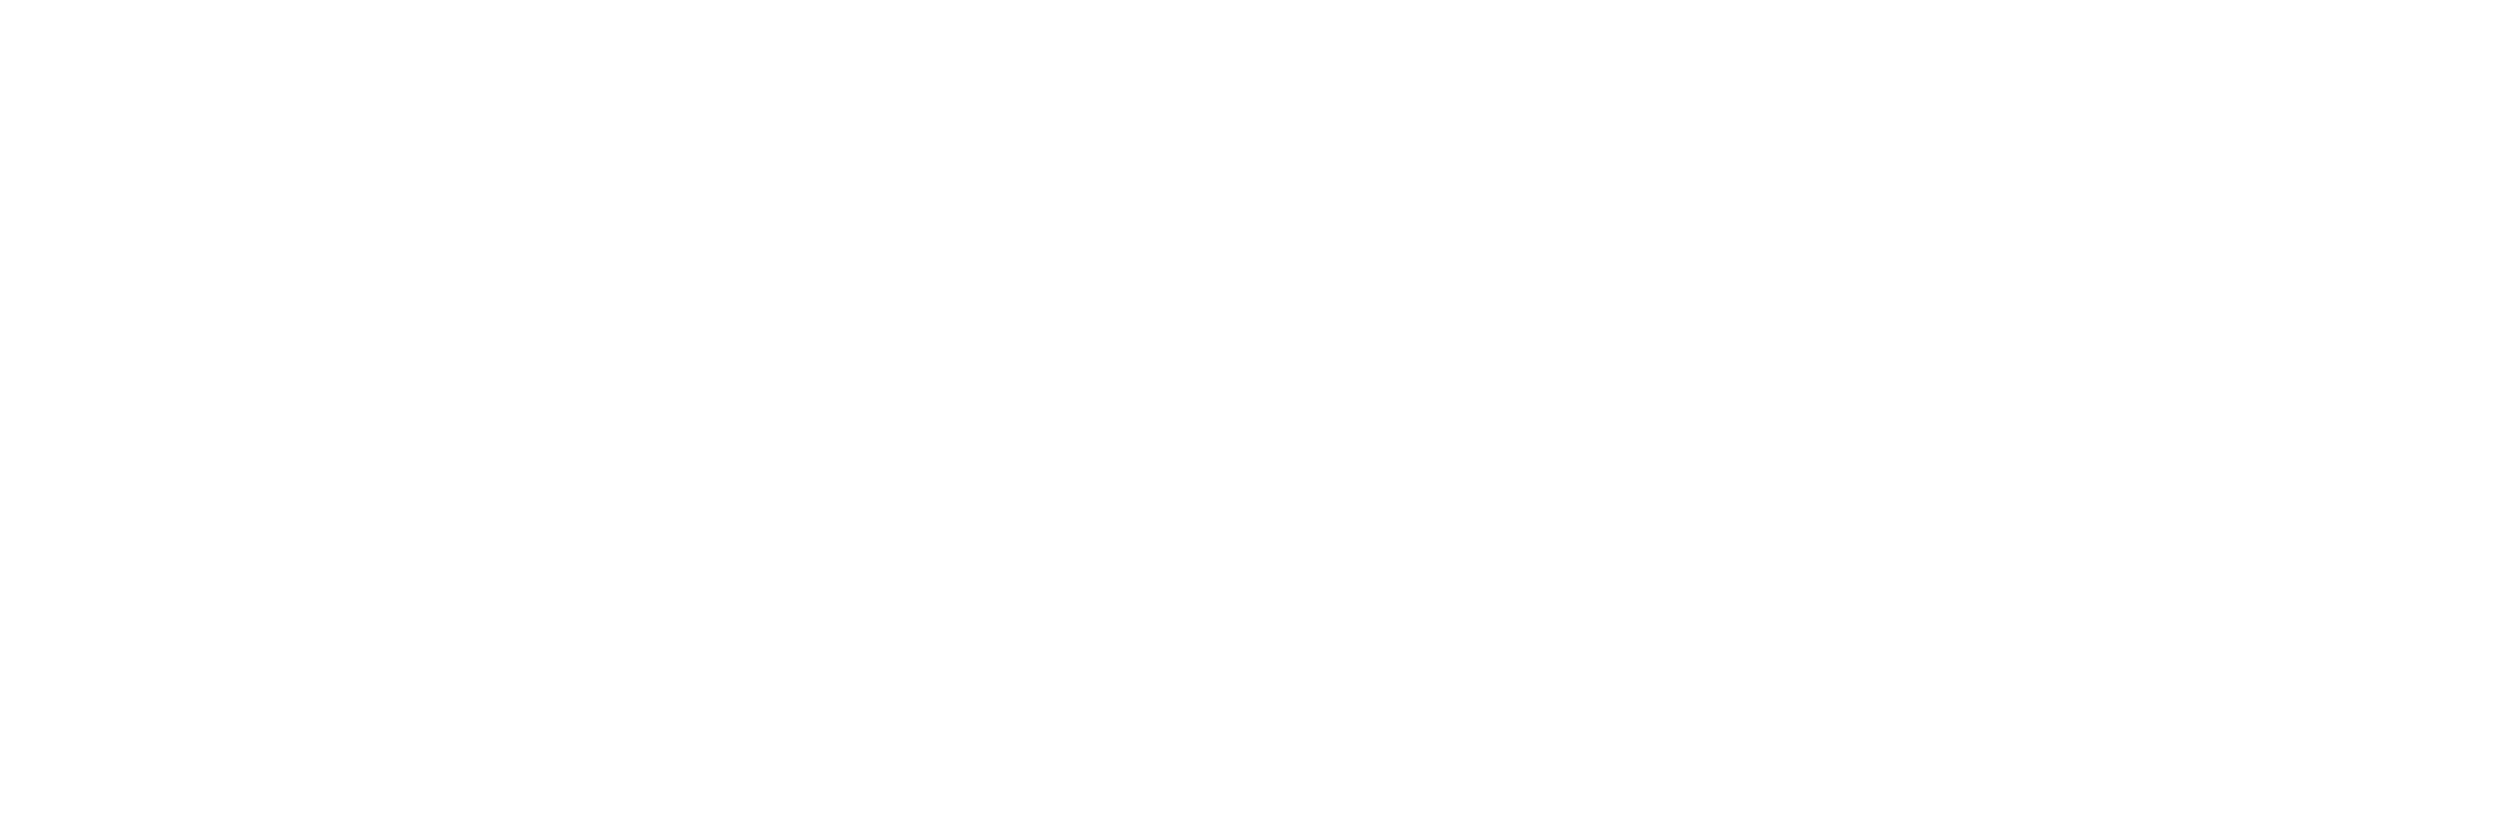 Countr Help Center